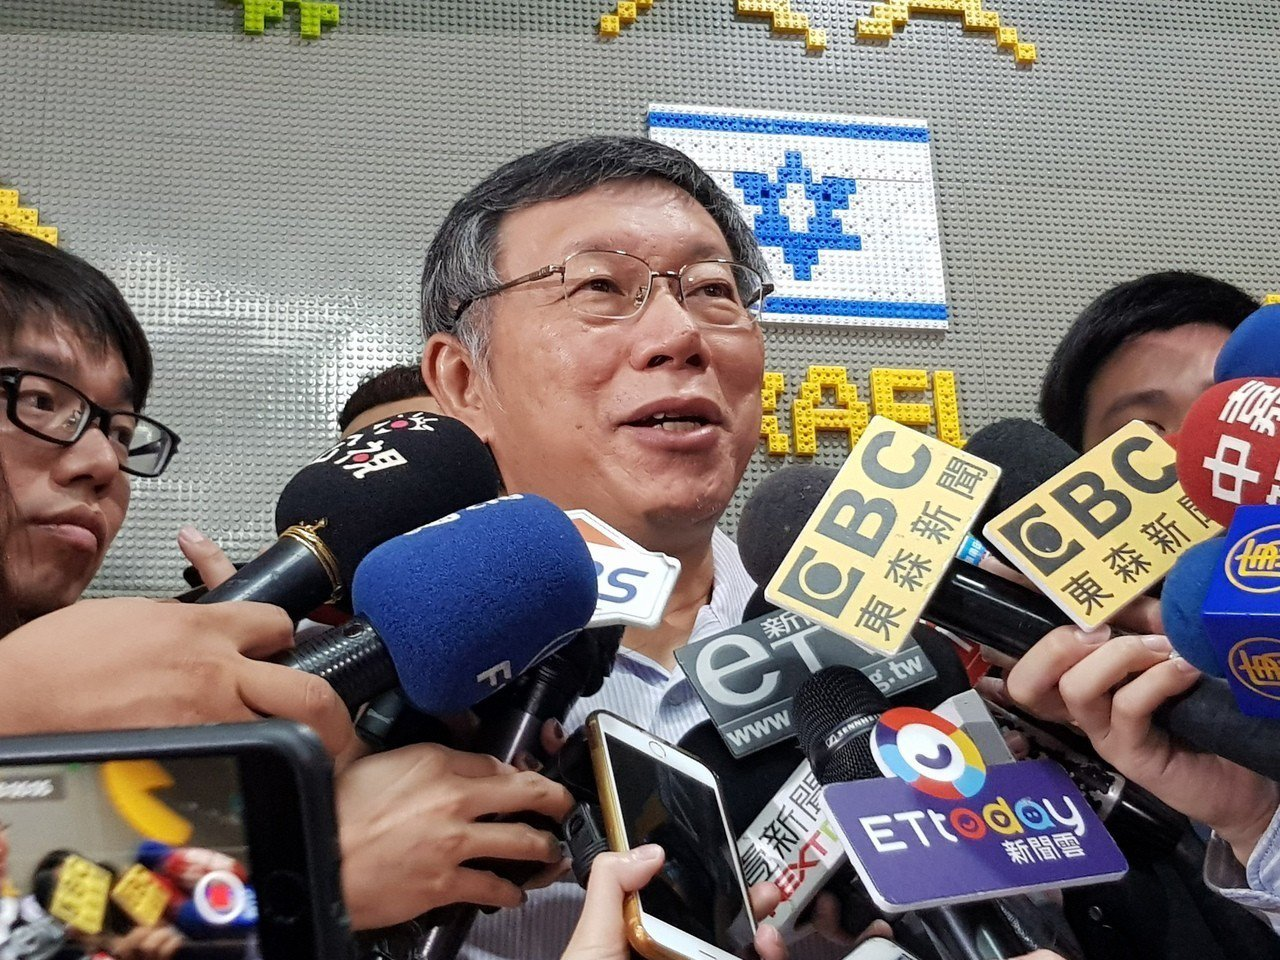 台北市長柯文哲今天上午出席活動受訪。記者翁浩然/攝影